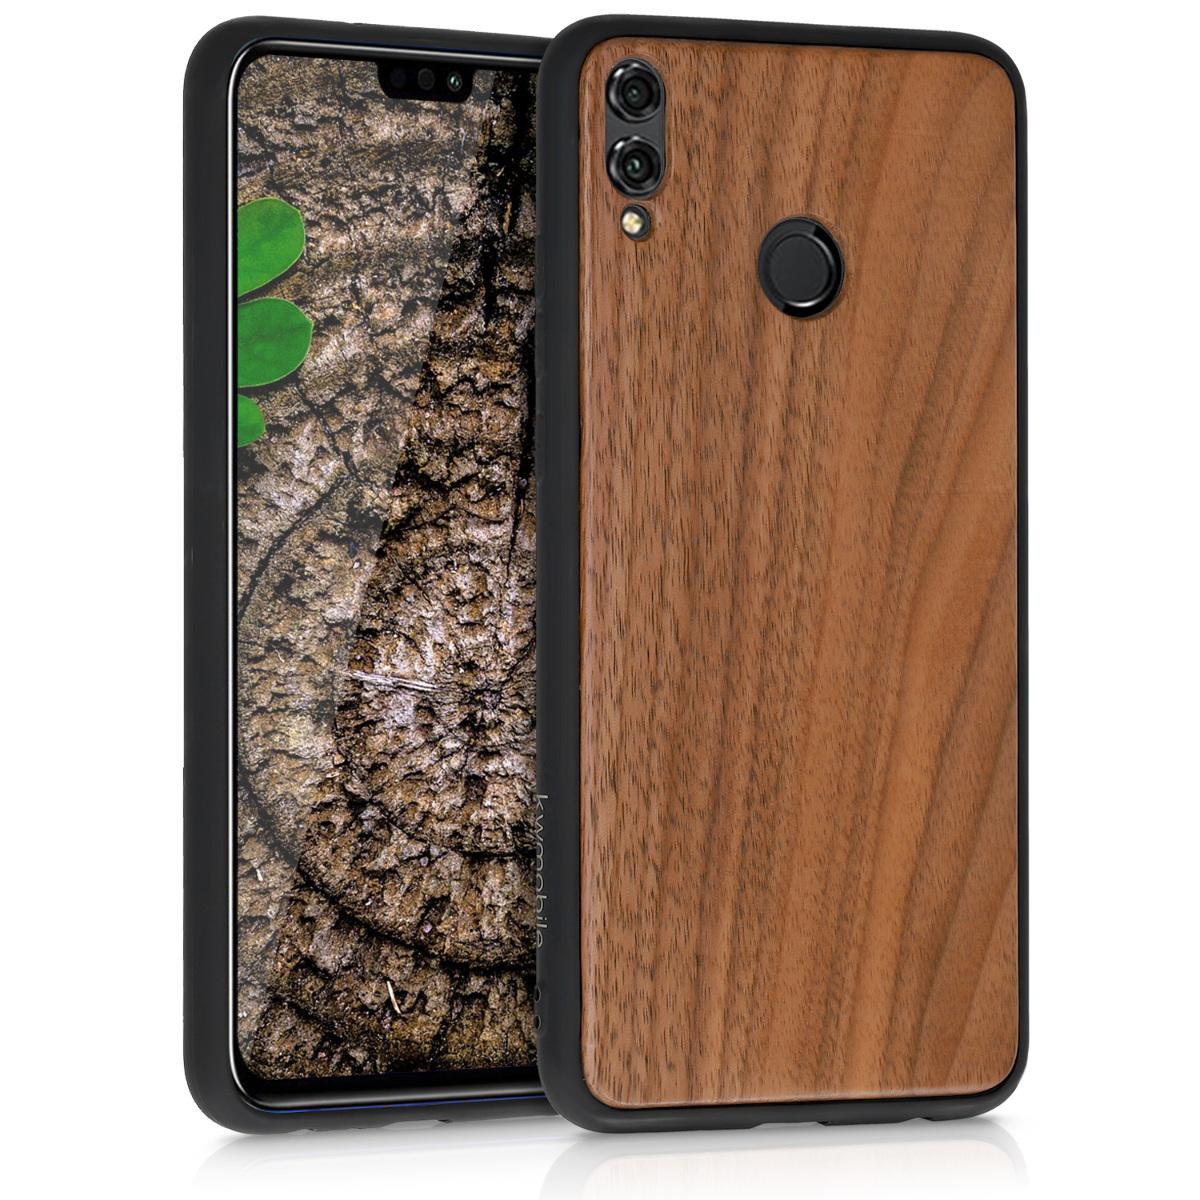 KW Σκληρή Ξύλινη Θήκη Huawei Honor 8X - Dark Brown (49159.18)